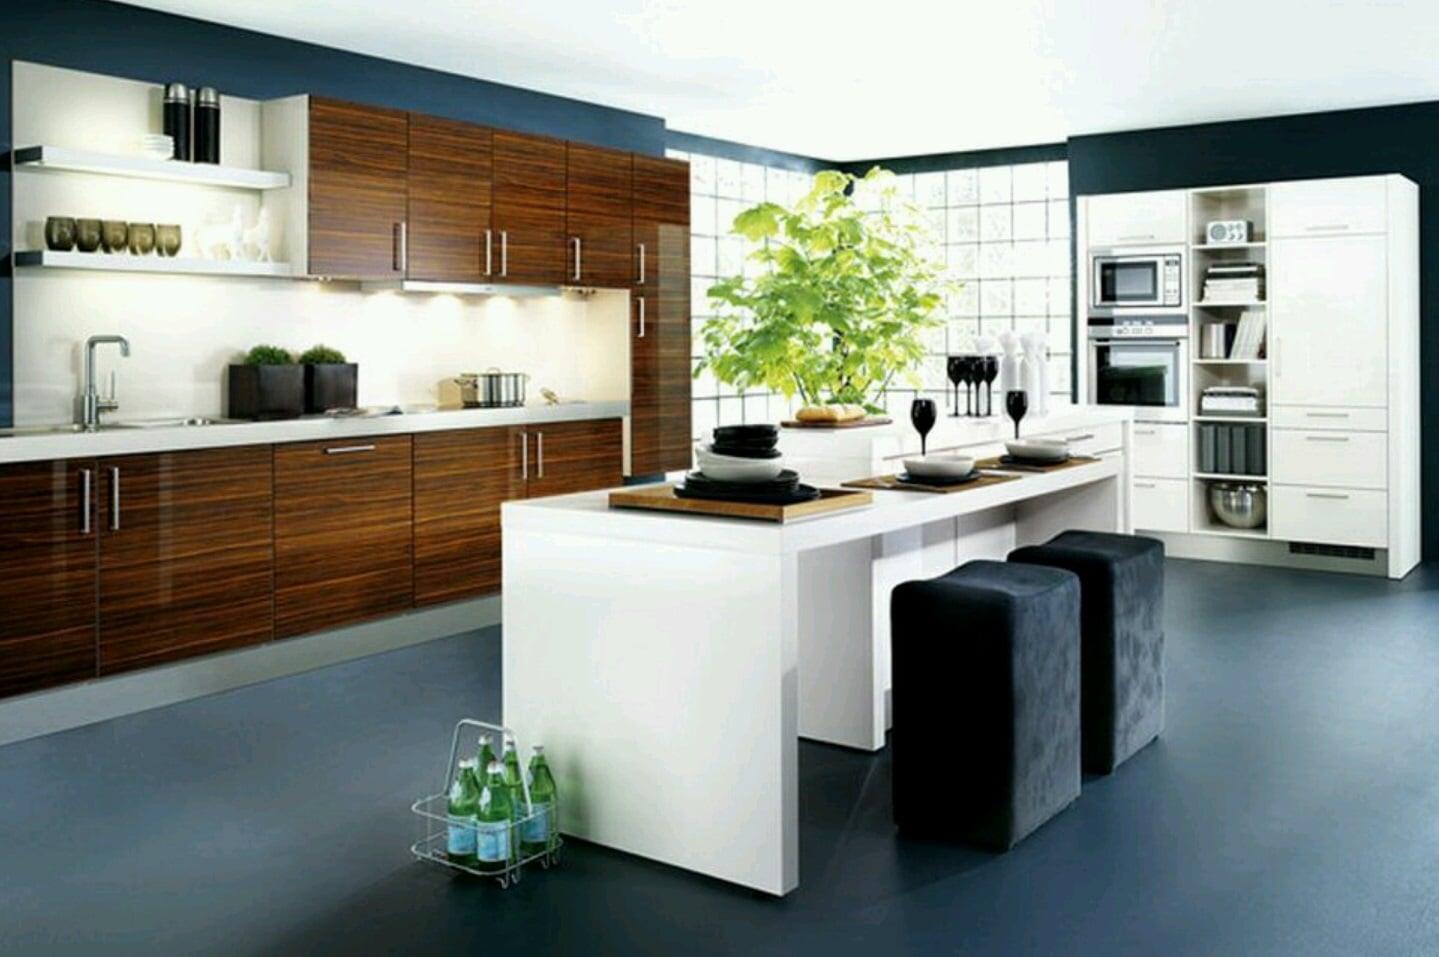 Cucina Moderna Con Isola Foto